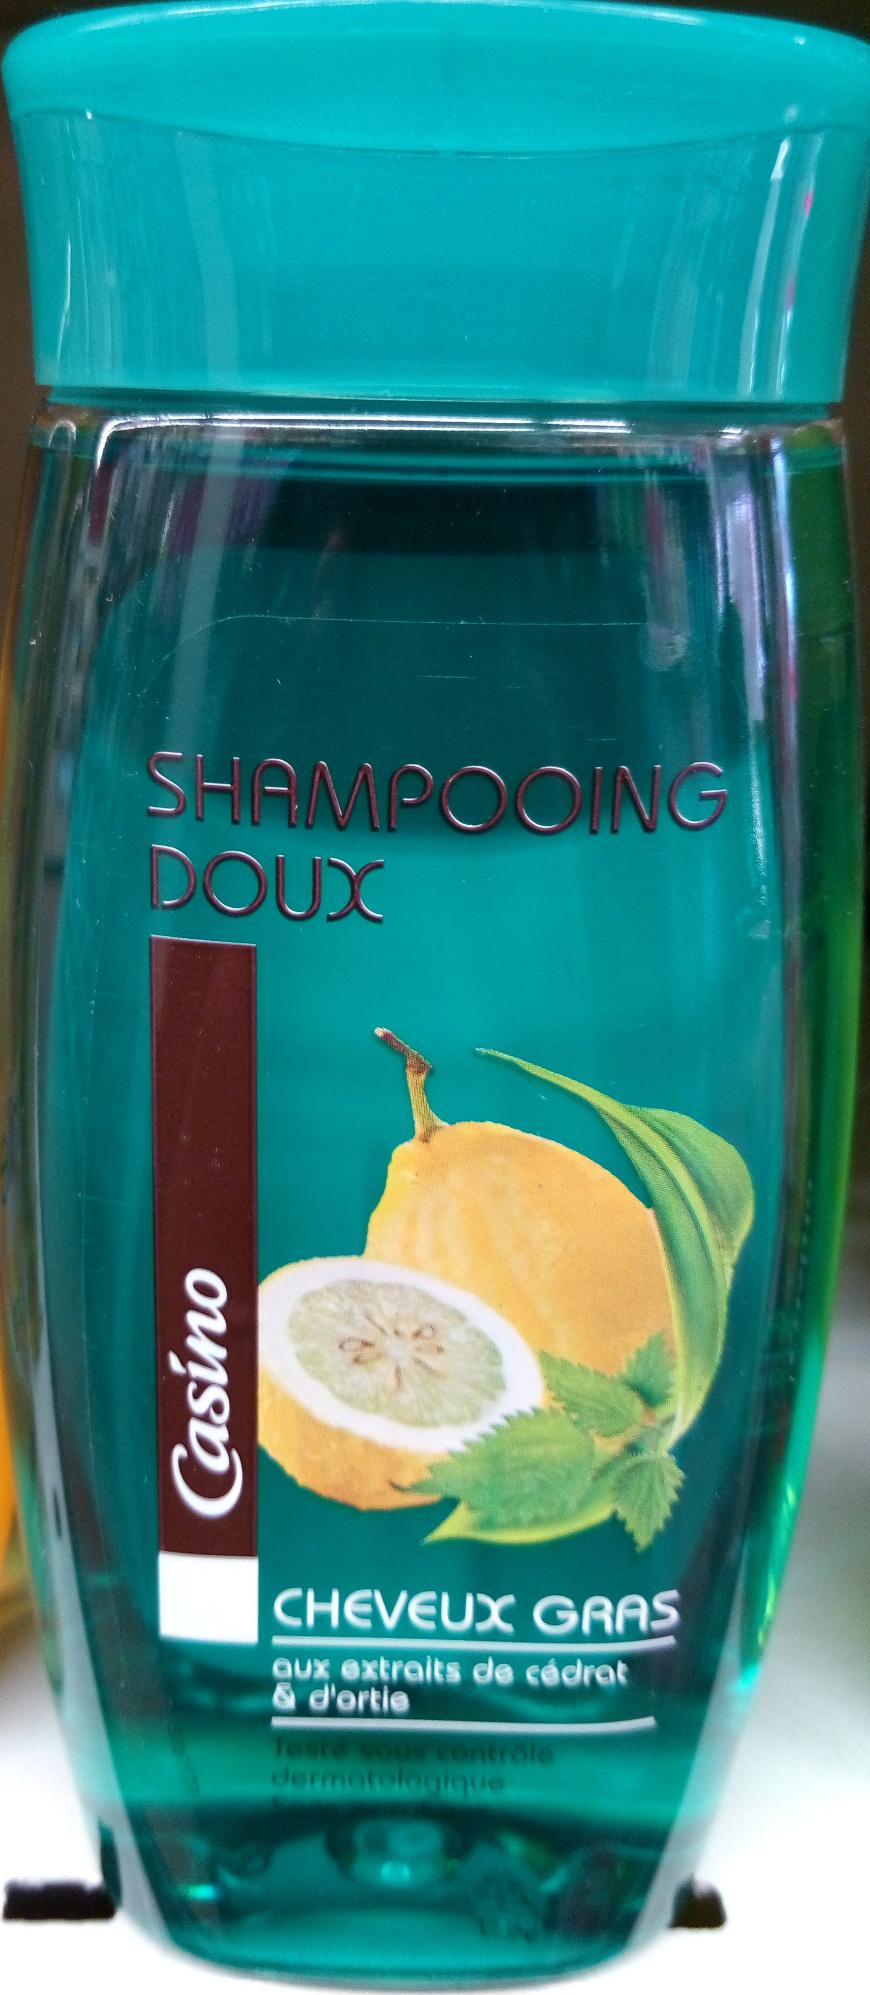 Shampooing doux cheveux gras aux extraits de cédrat et d'ortie - Product - fr